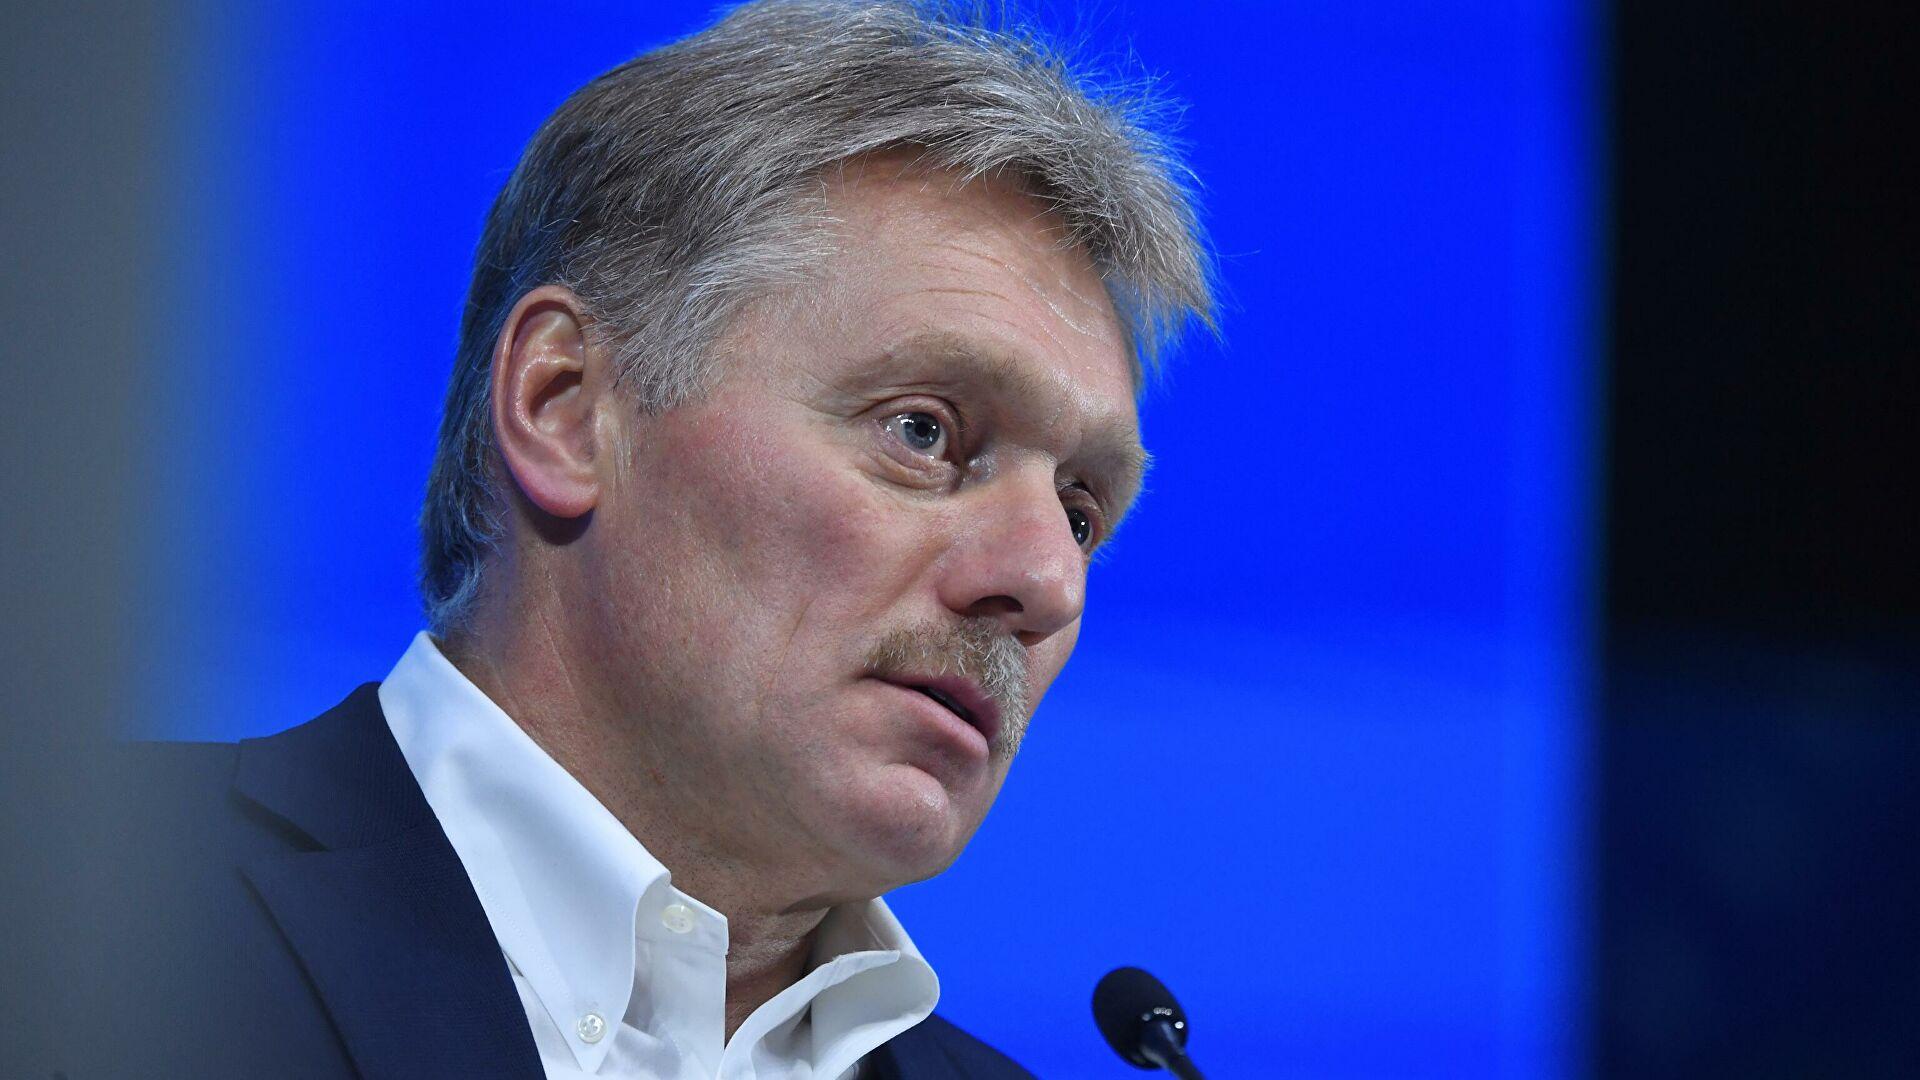 Песков: Ако Украјина уђе у НАТО, Русија ће морати да предузме противмере